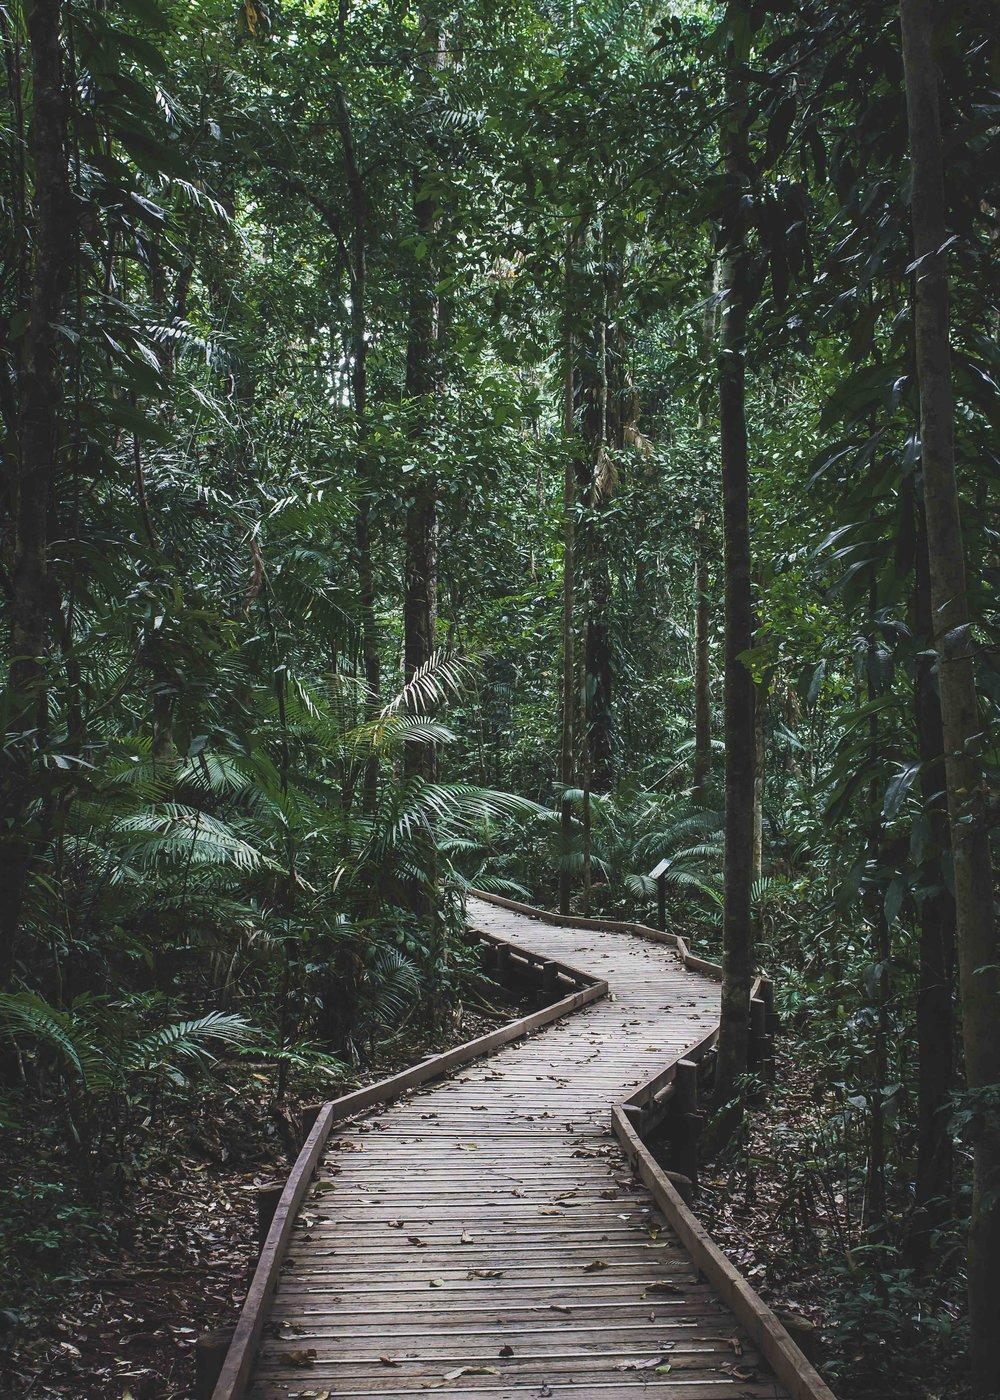 5x7-Into the Jungle-Small.jpg